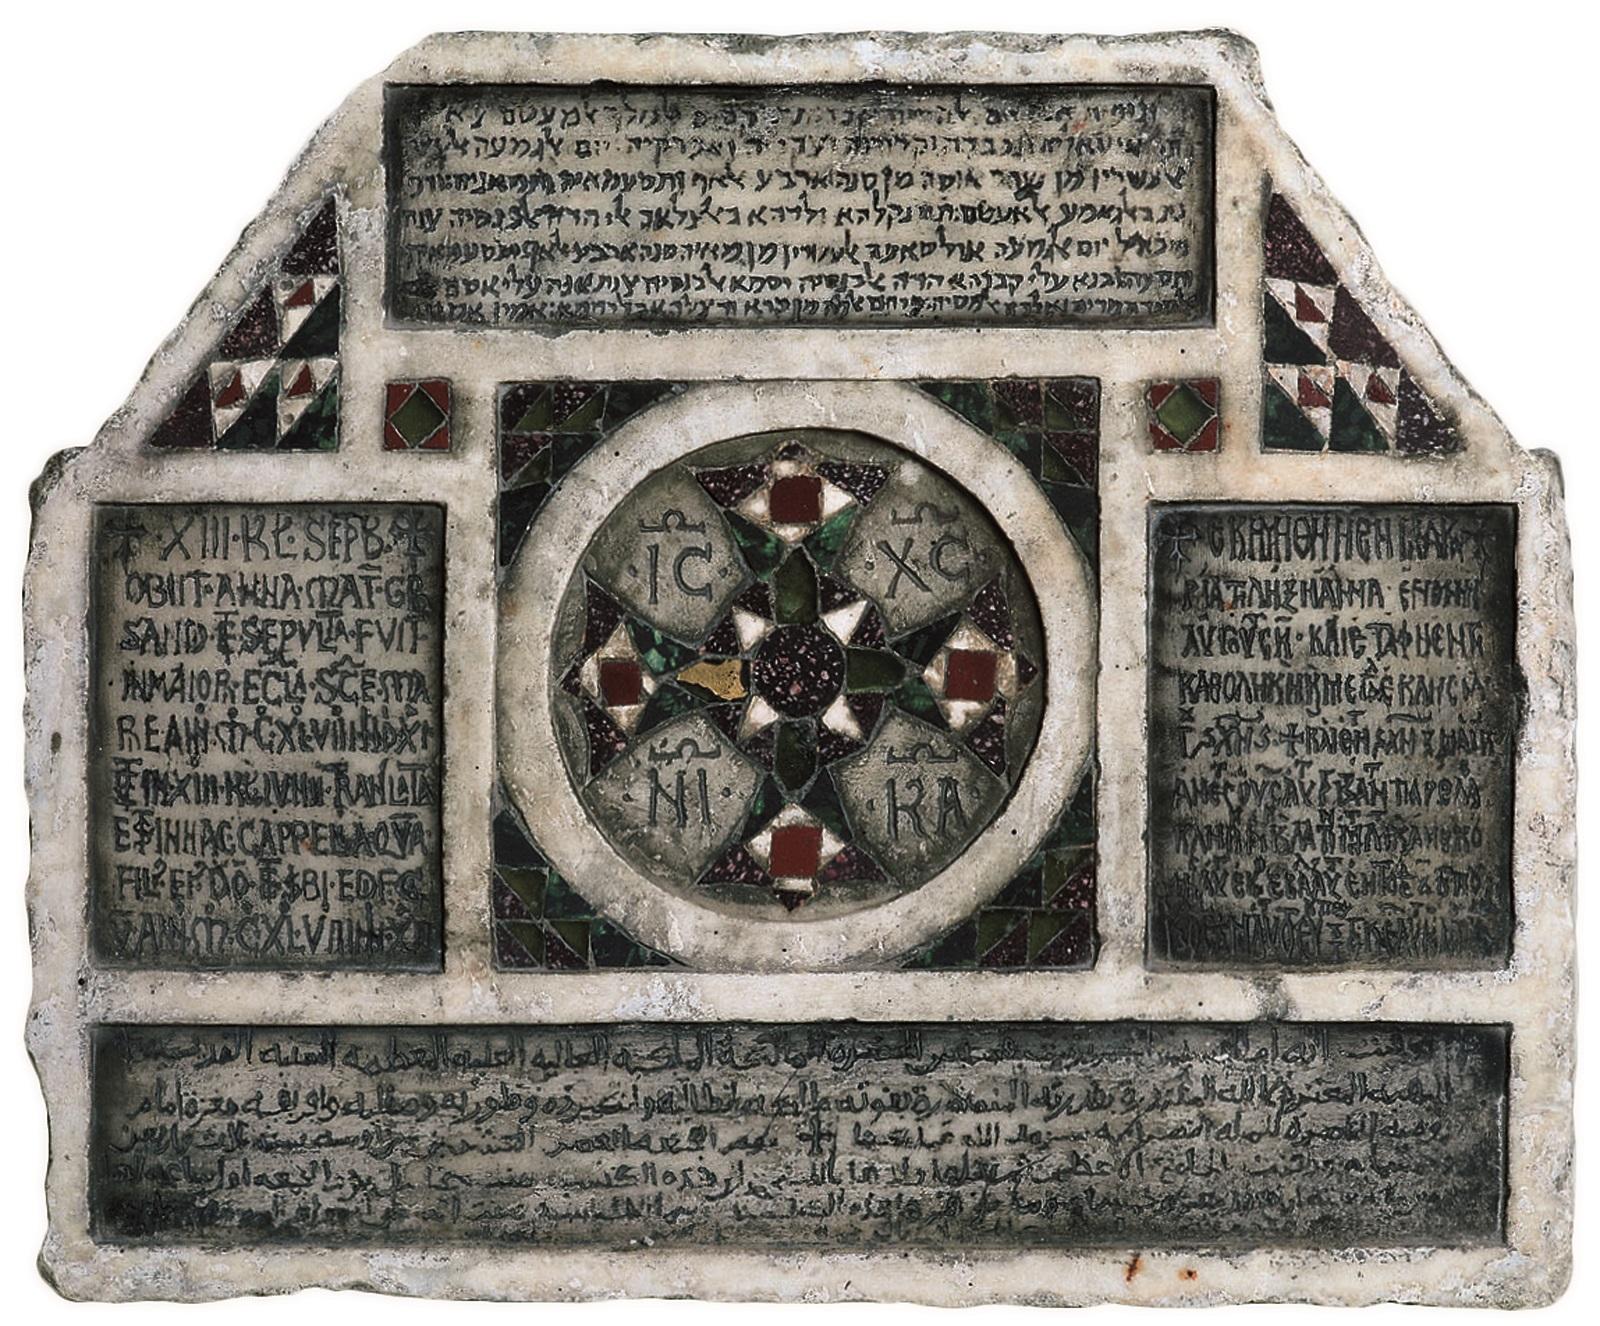 Viertalige grafsteen, Marmer, Palermo, Sicilië, 1149AD. © Soprintendenza di Palermo © Regione Siciliana